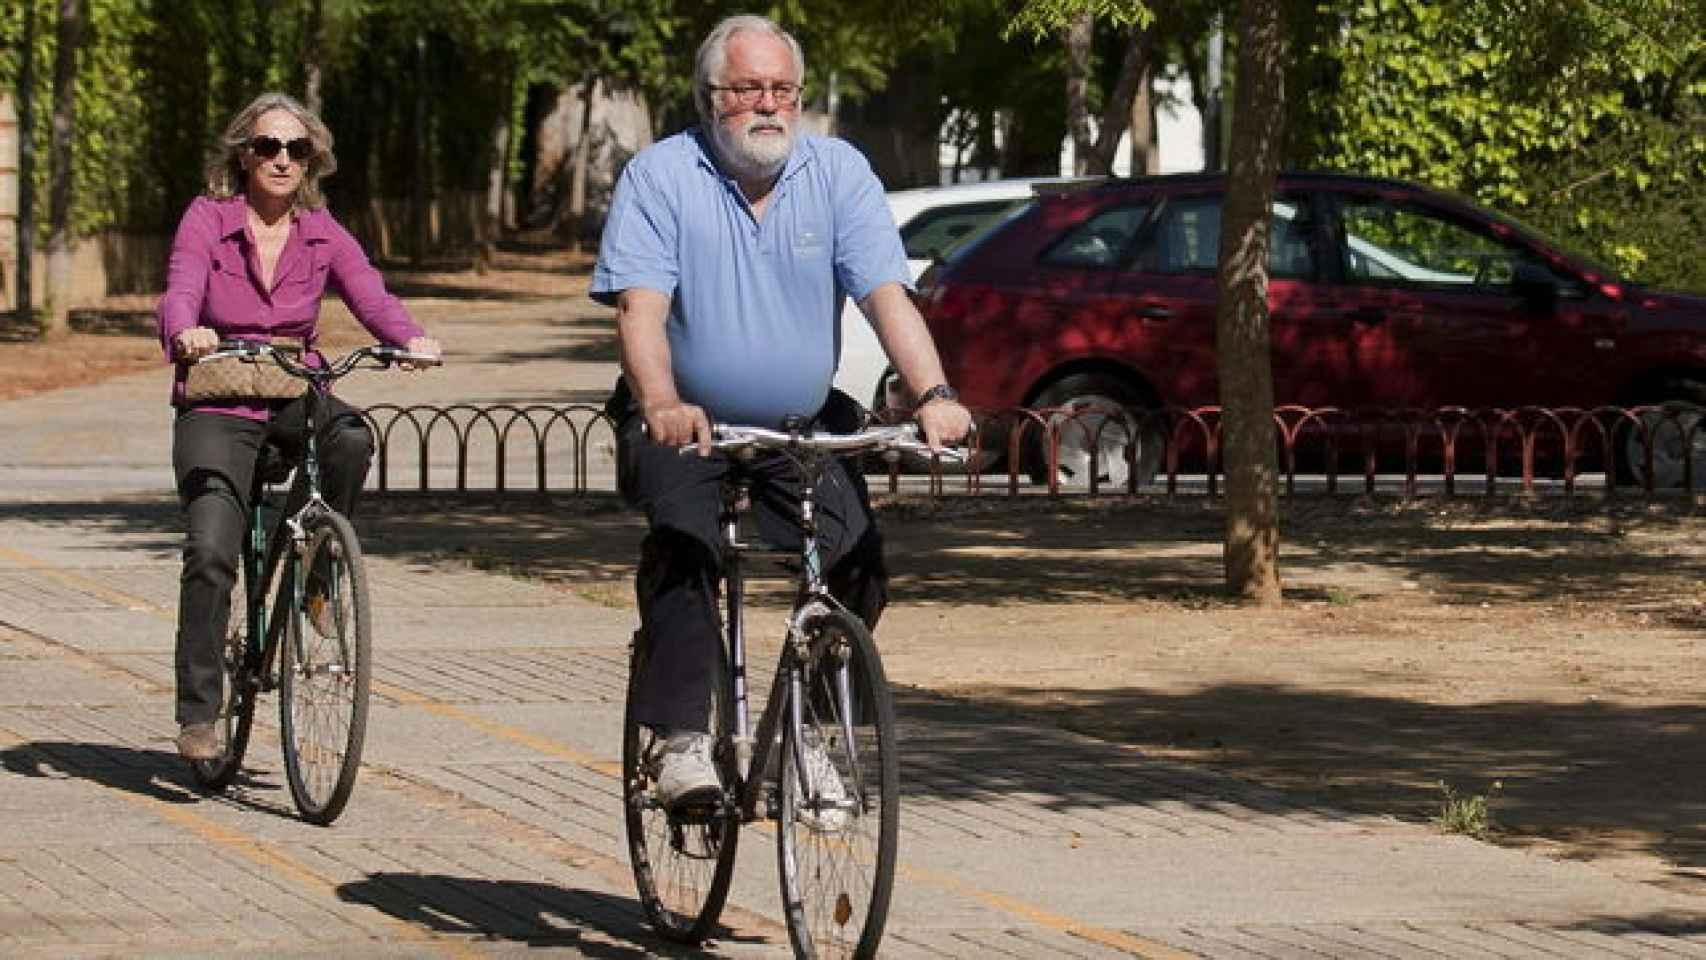 Arias Cañete y Micaela Domecq, en bici durante la jornada de reflexión en las elecciones europeas de 2014.